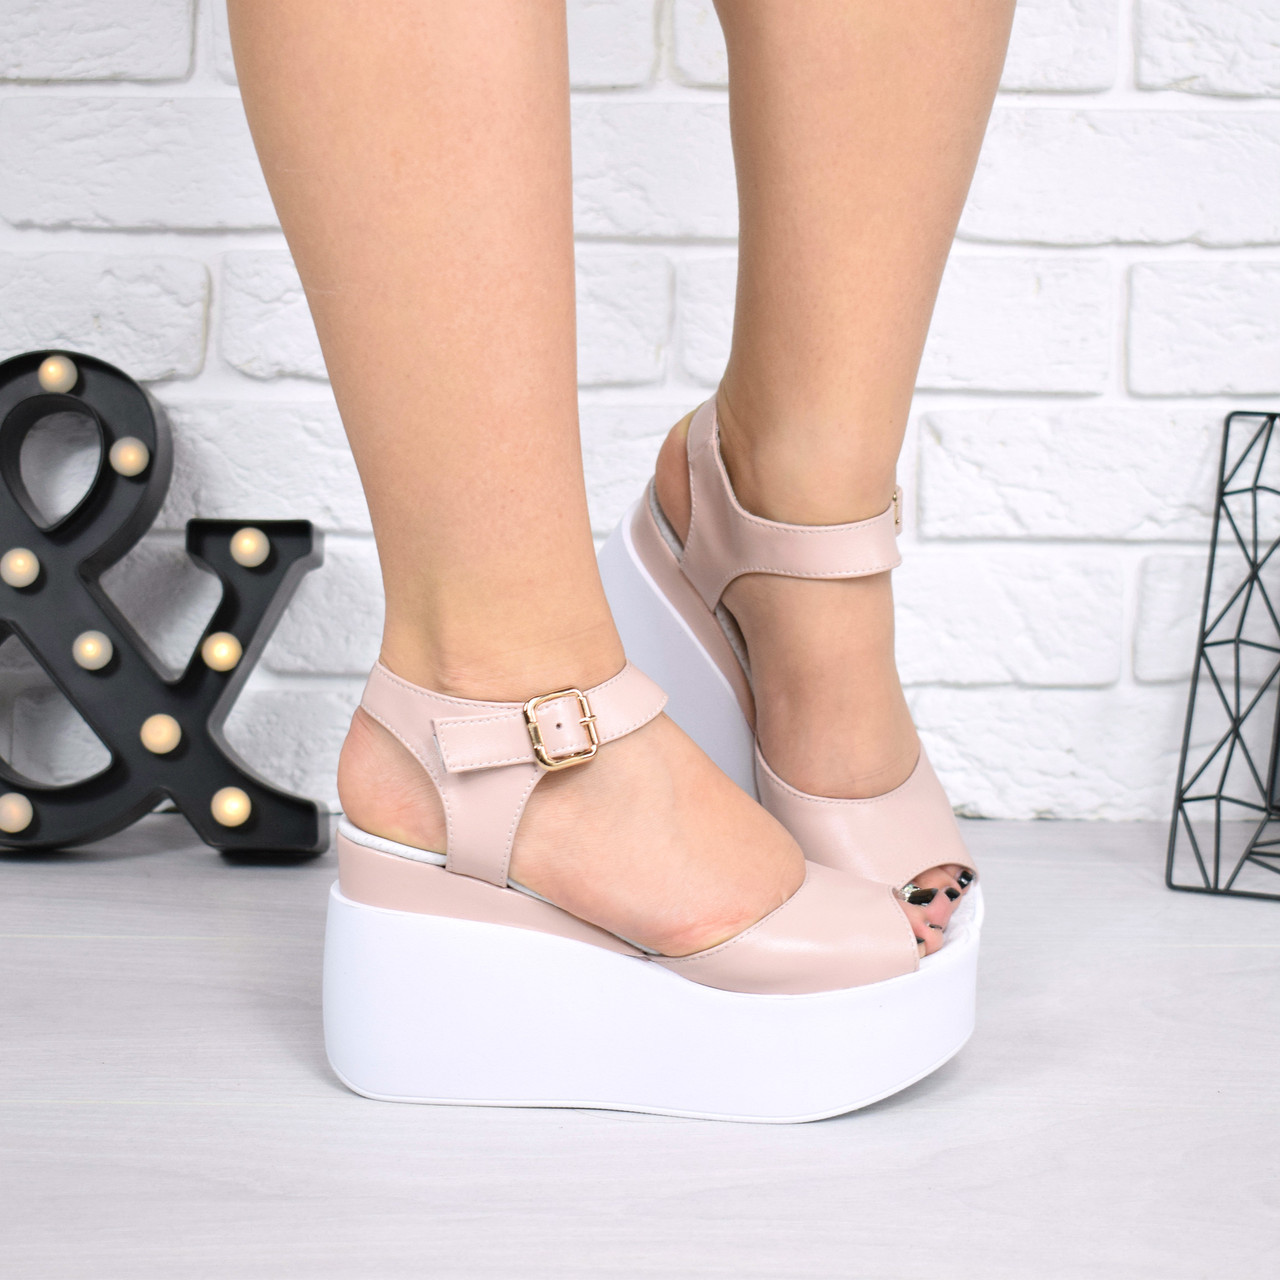 33433af01 Босоножки, туфли, сандали, сабо женские на платформе пудровые